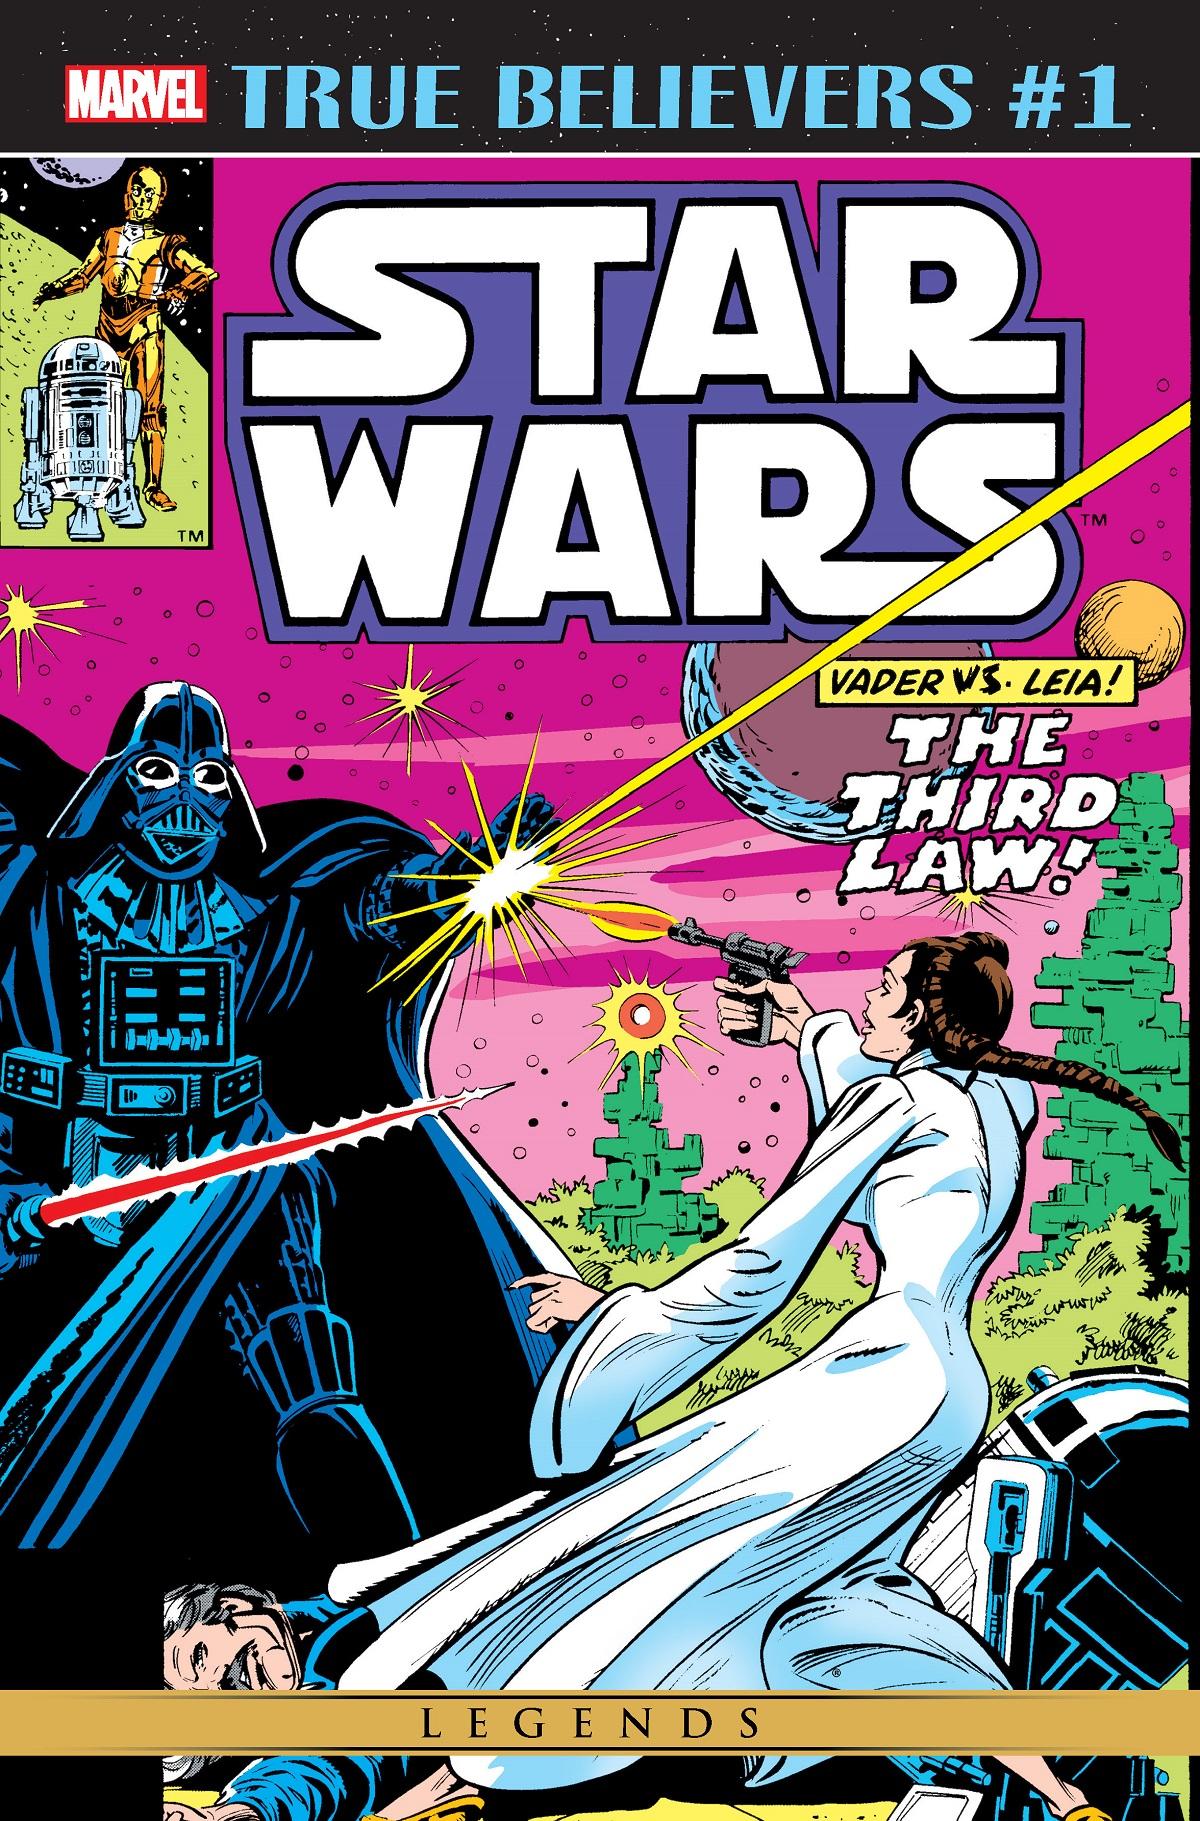 True Believers: Star Wars - Vader vs. Leia (2019) #1